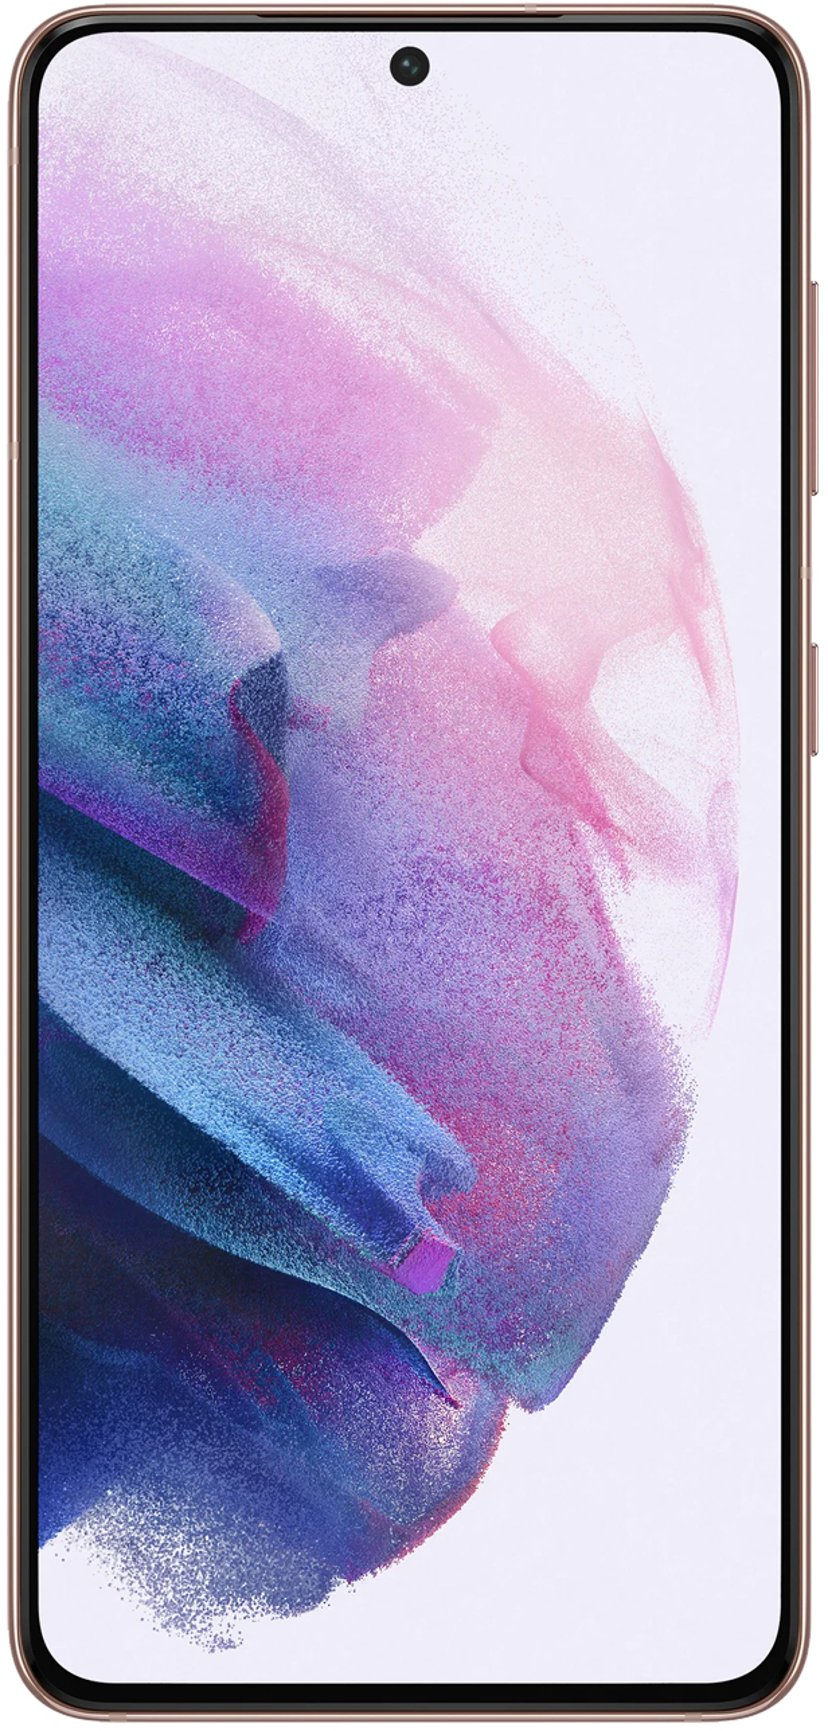 Samsung Galaxy S21 5G 128GB Dual-SIM Fantomviolet